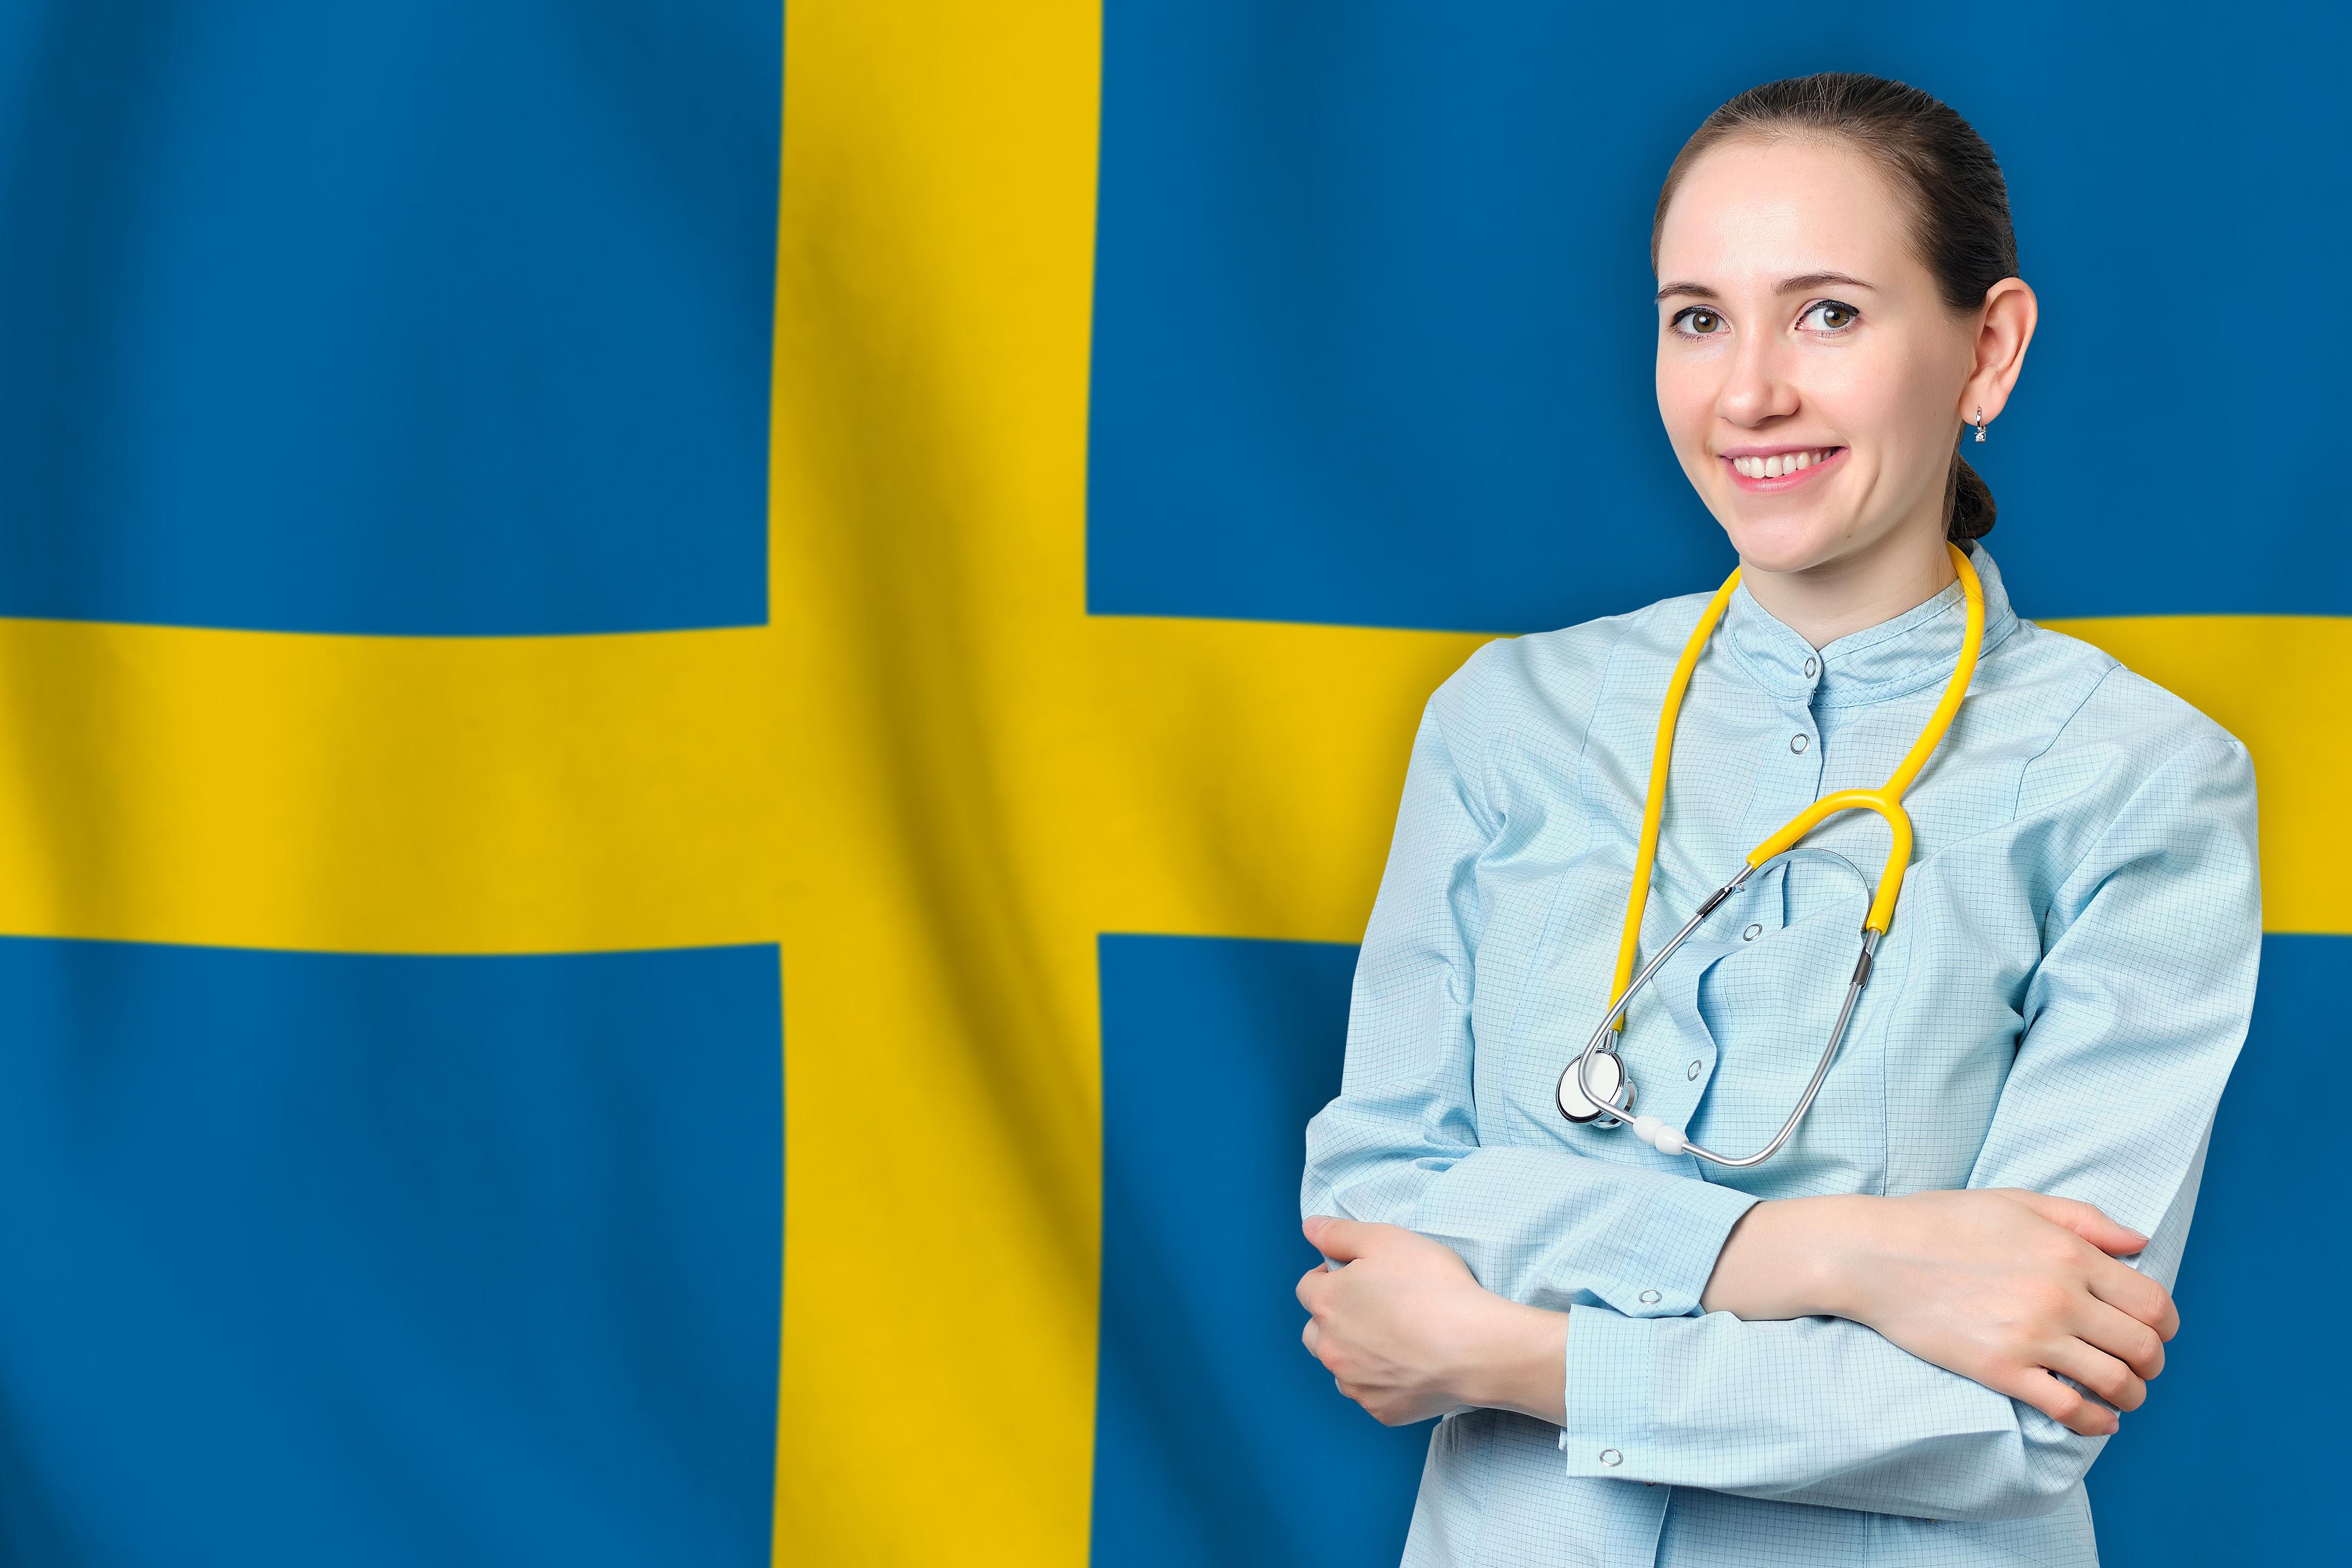 Врач на фоне флага Швеции, работа в которой доступна для иностранцев